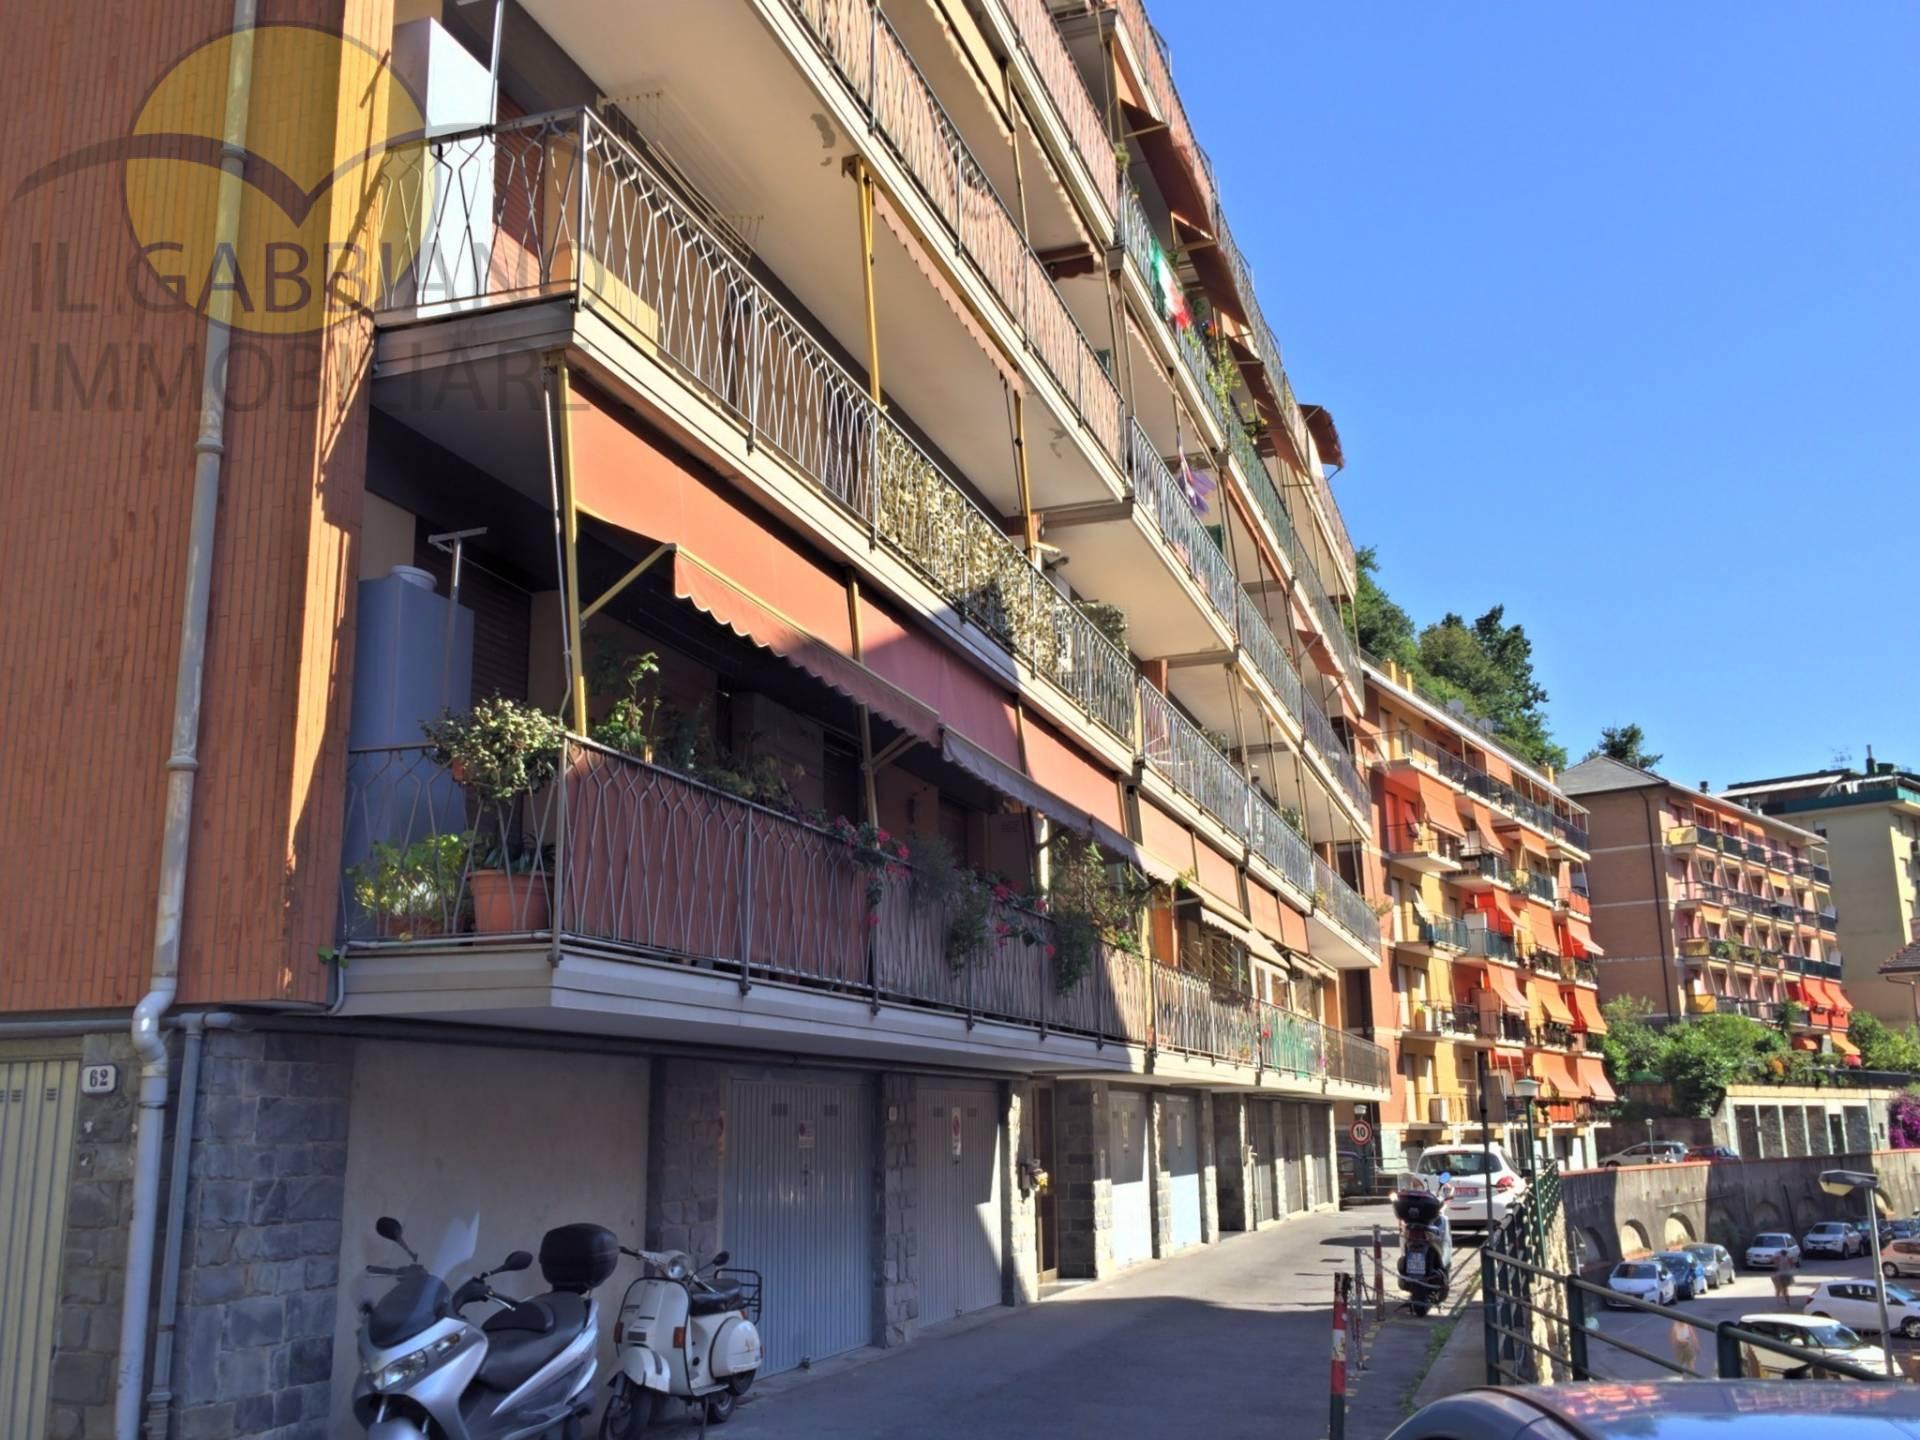 Appartamento in affitto a Recco, 4 locali, zona Località: Centro, prezzo € 550 | Cambio Casa.it